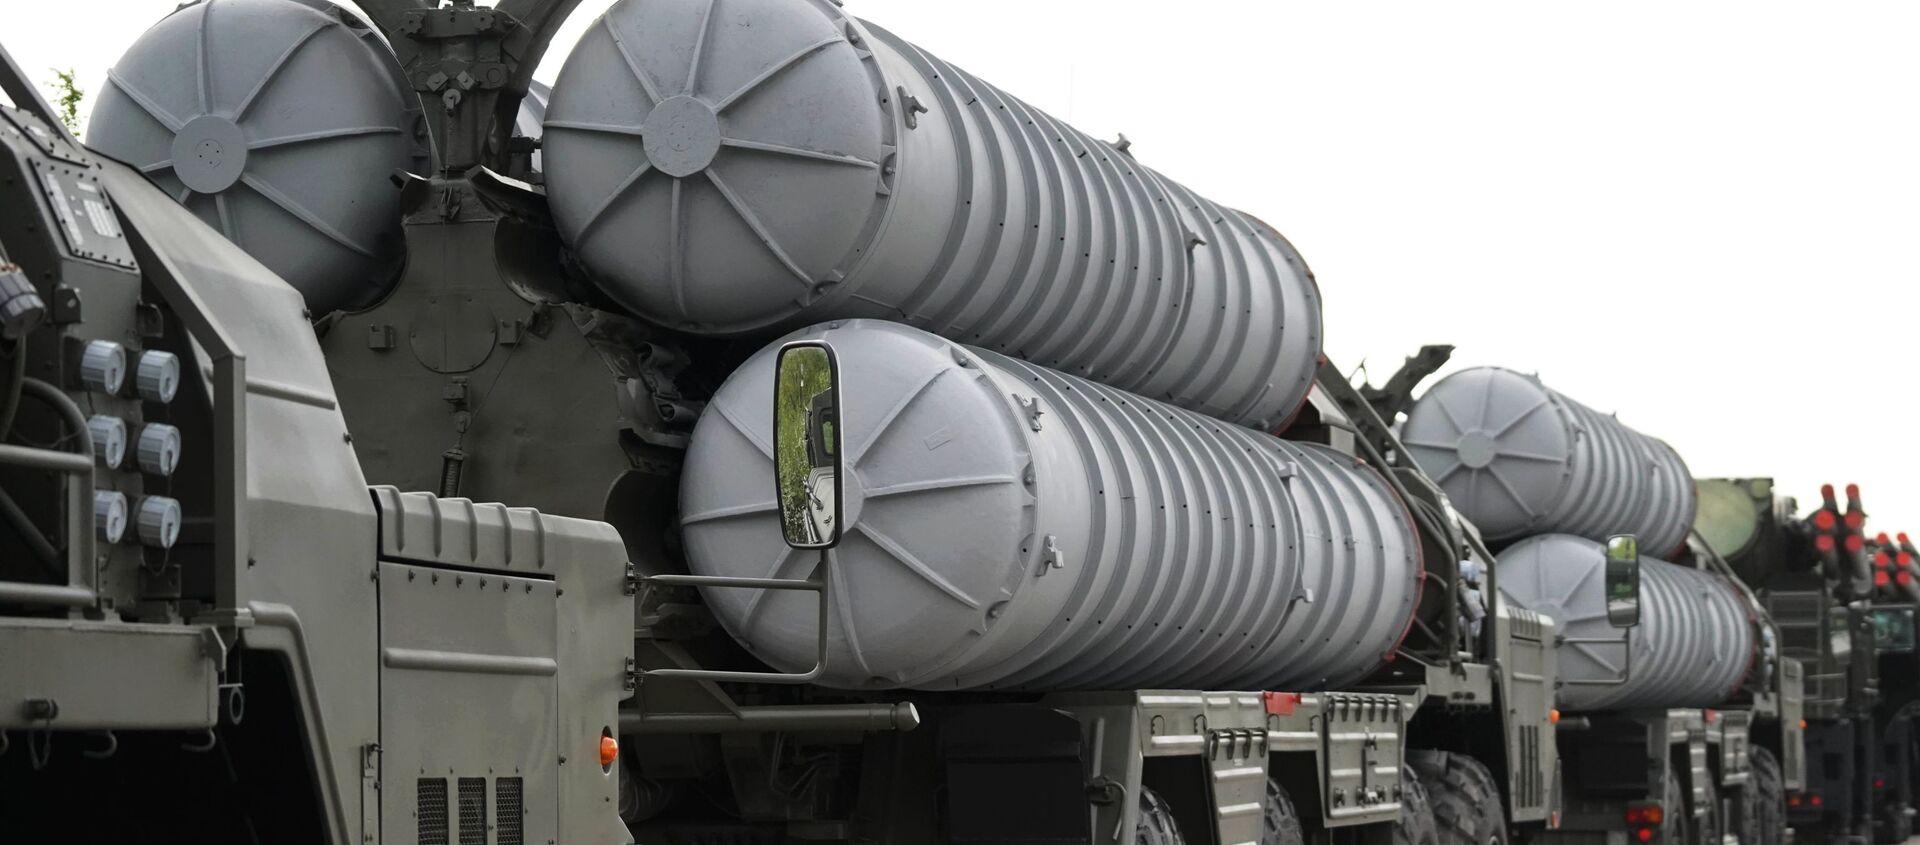 Подготовка боевой техники в Калининграде - Sputnik Беларусь, 1920, 04.02.2021